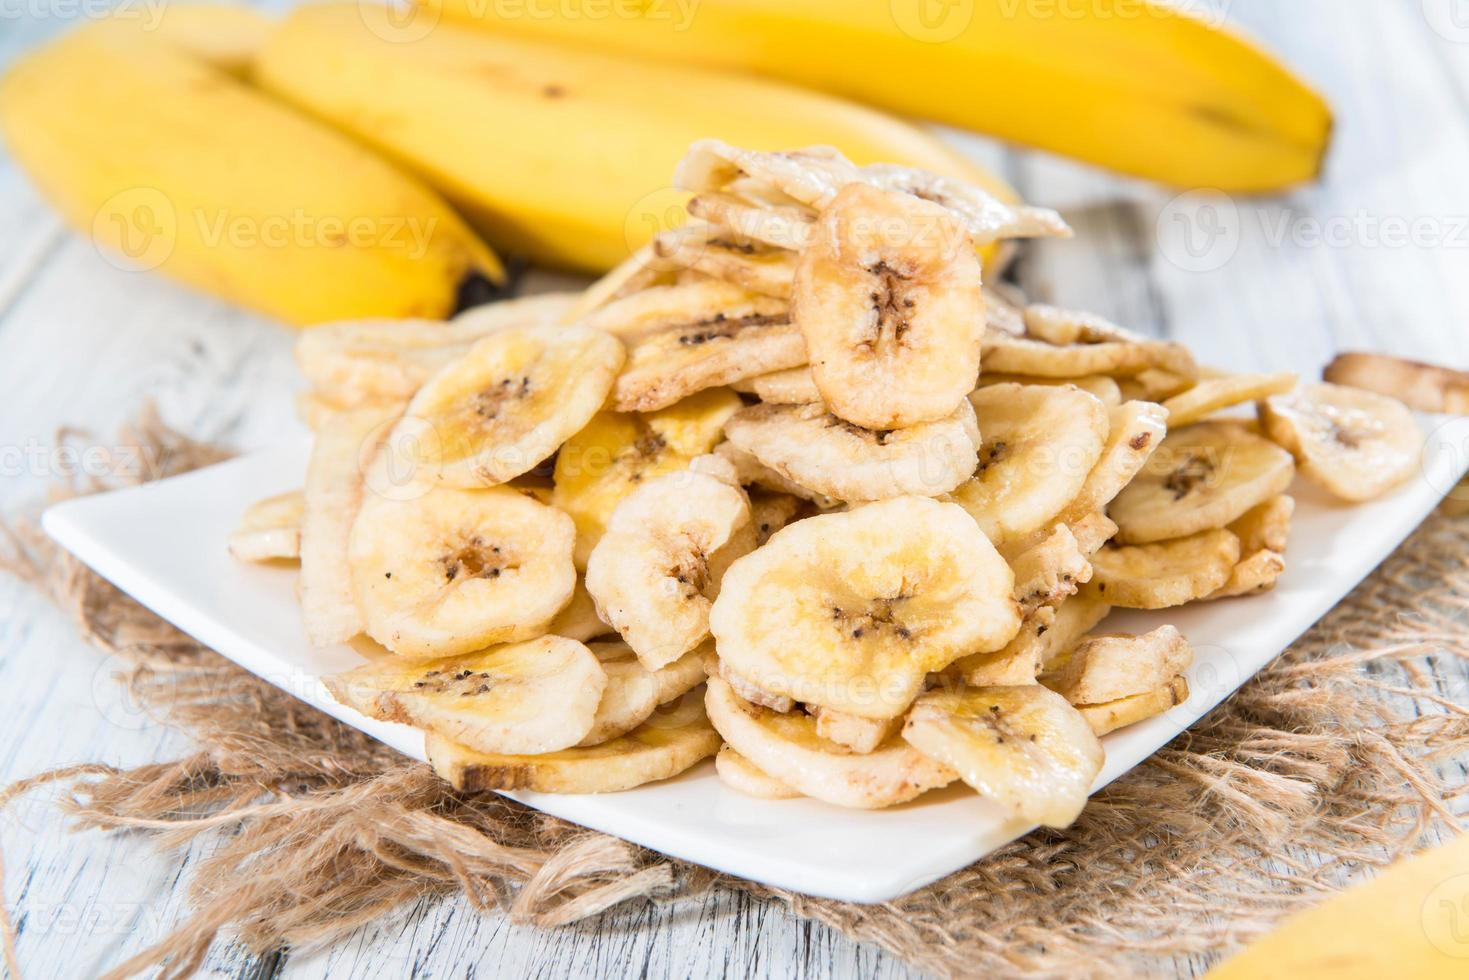 comida saudável (banana chips) foto